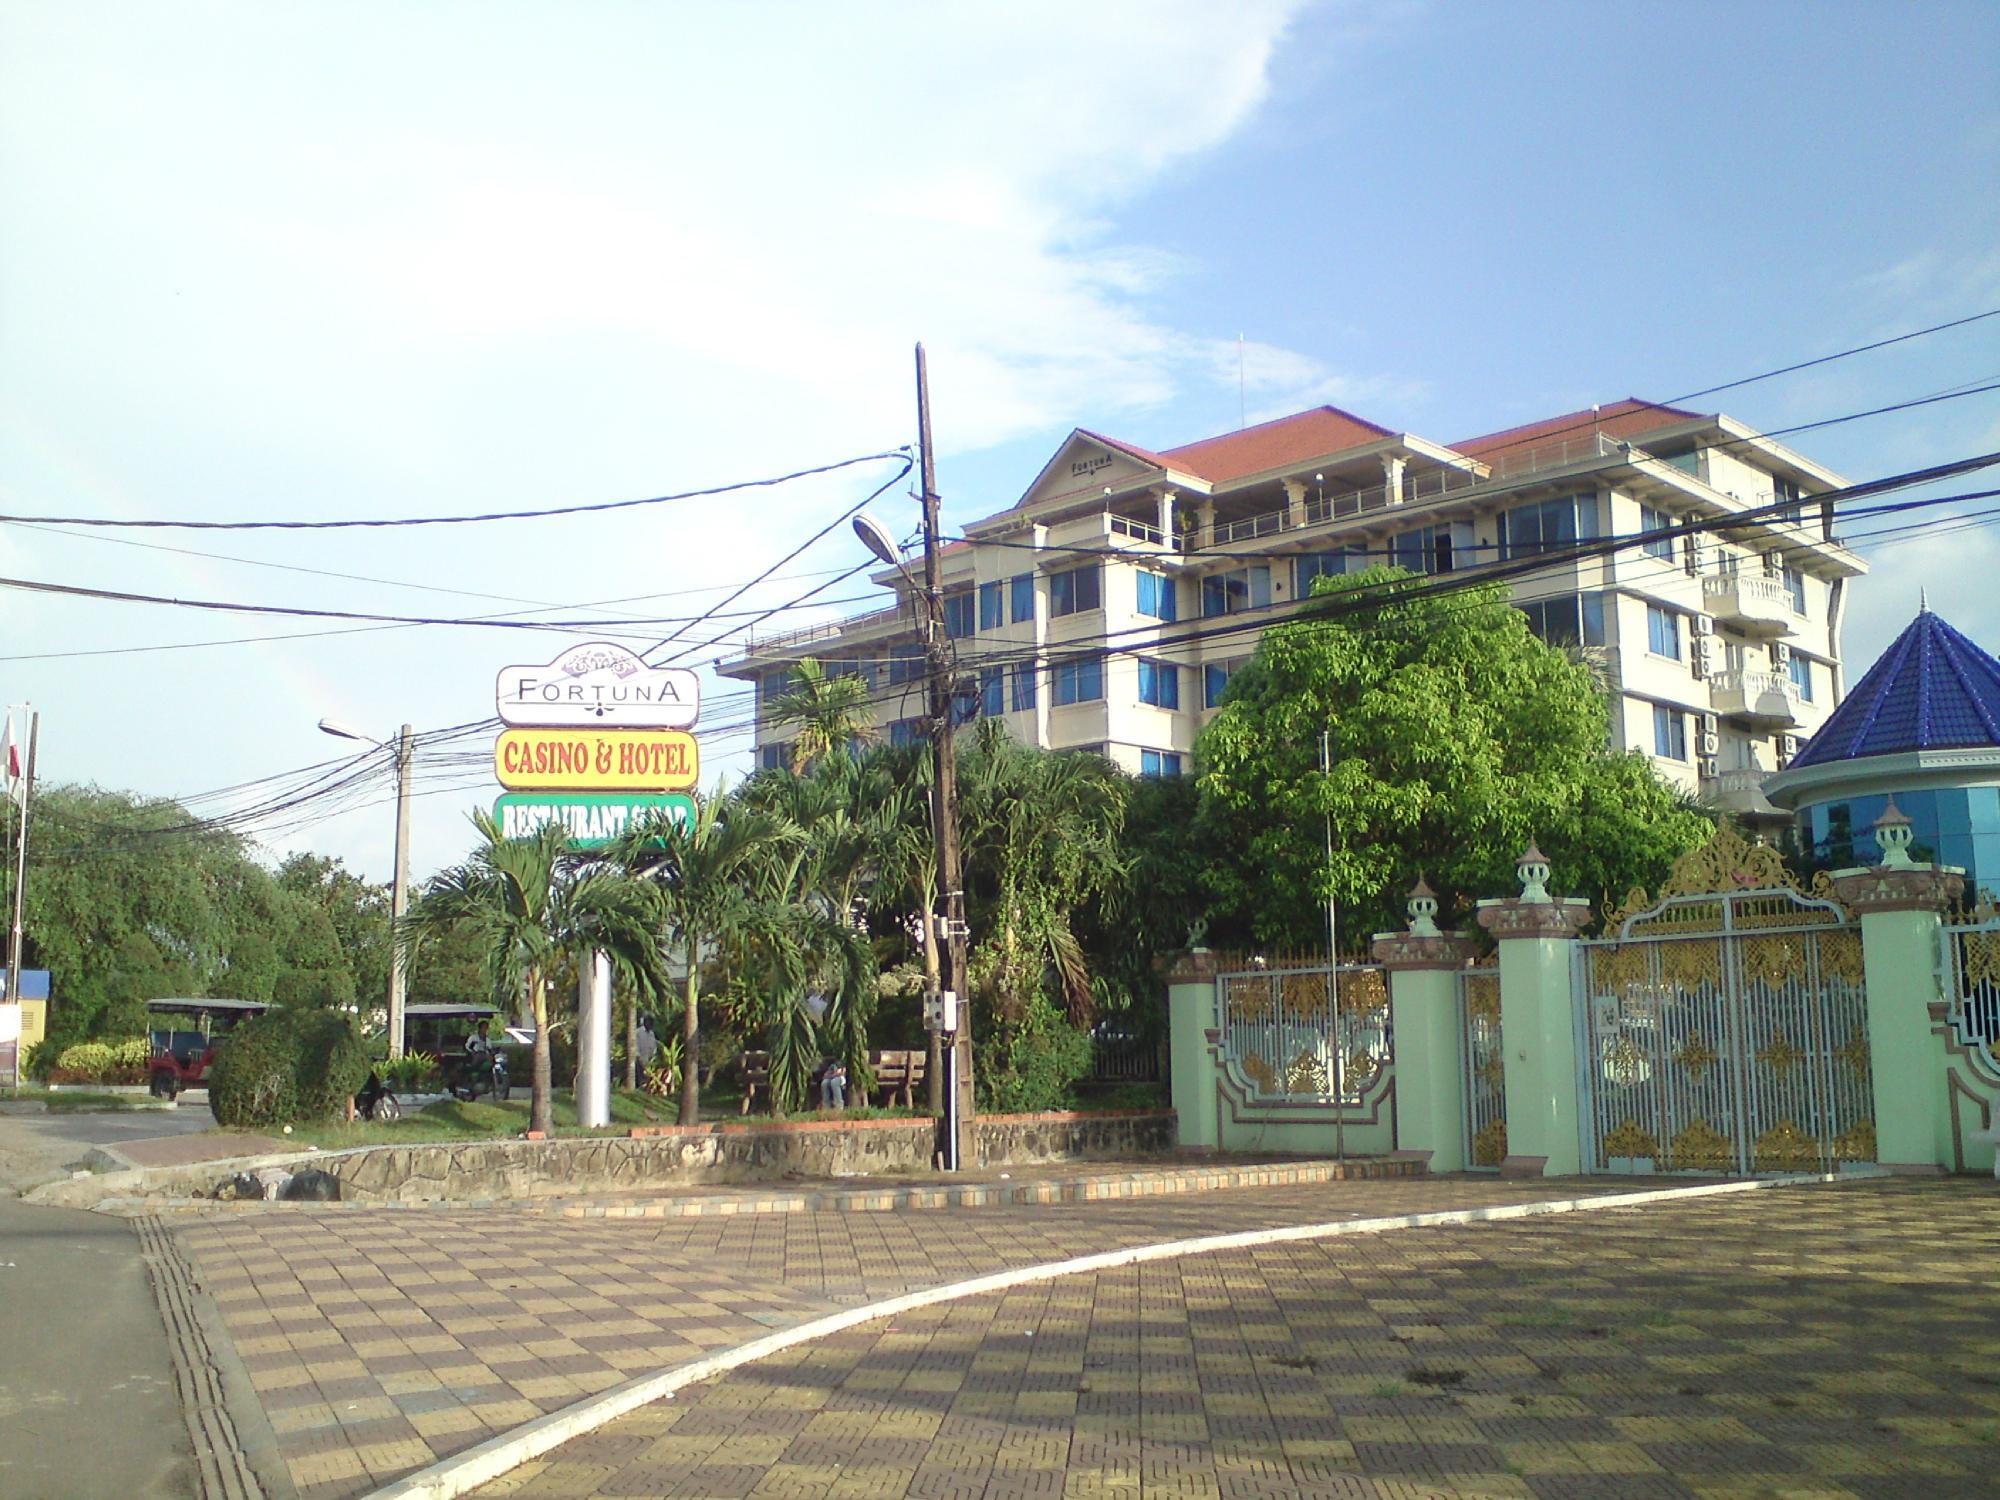 Fortuna Casino & Hotel